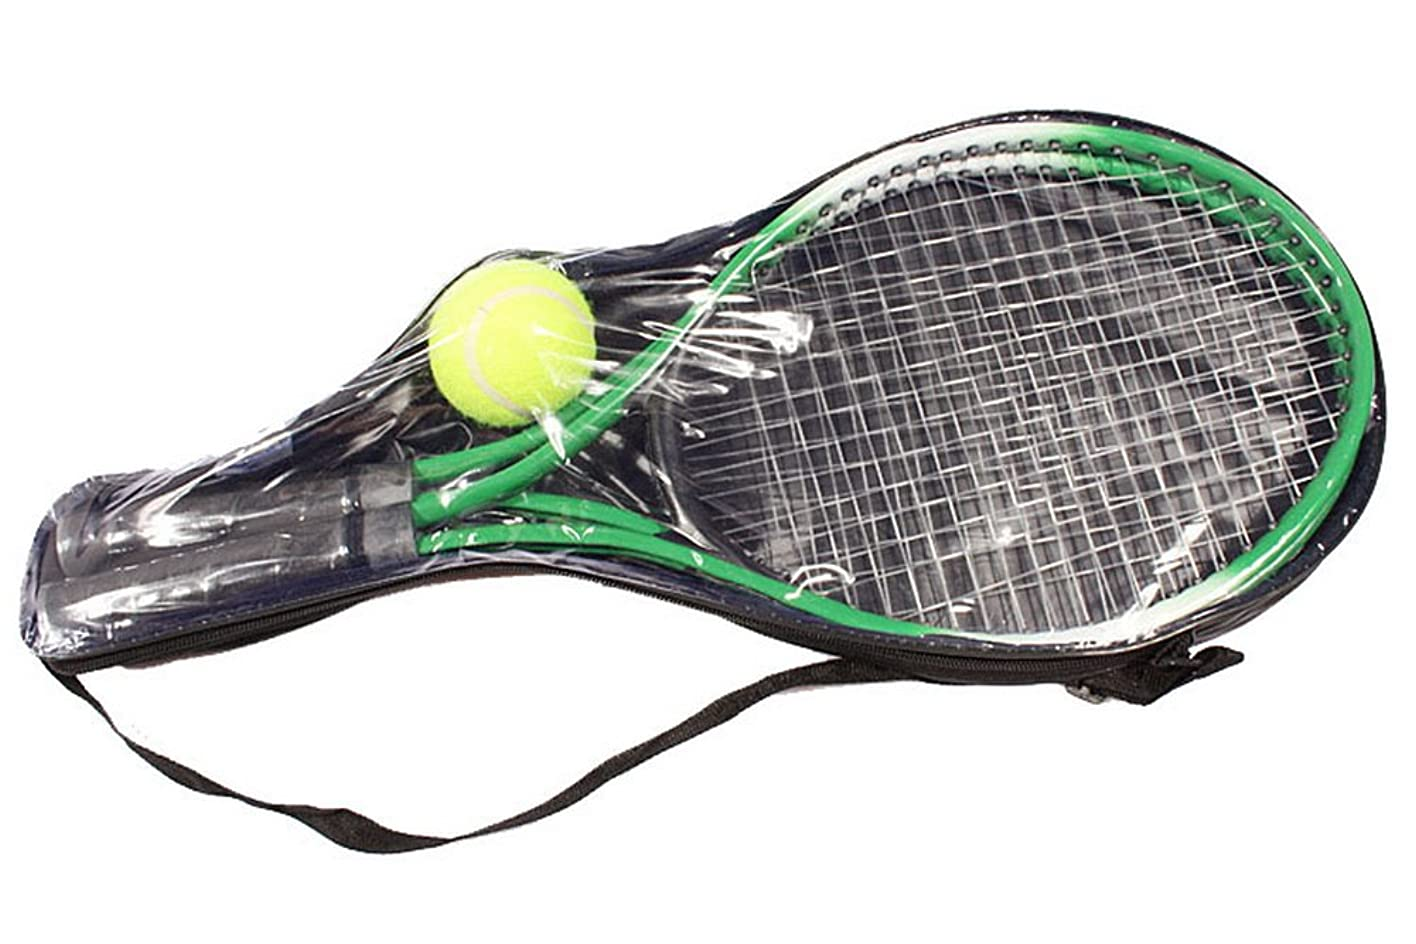 レイアウト飛び込むチョークテニス用品 おもちゃ 子供用 初心者 練習 ラケット 硬式テニストラケット テニスラケット 鉄合金製 大人気 2(グリーン)